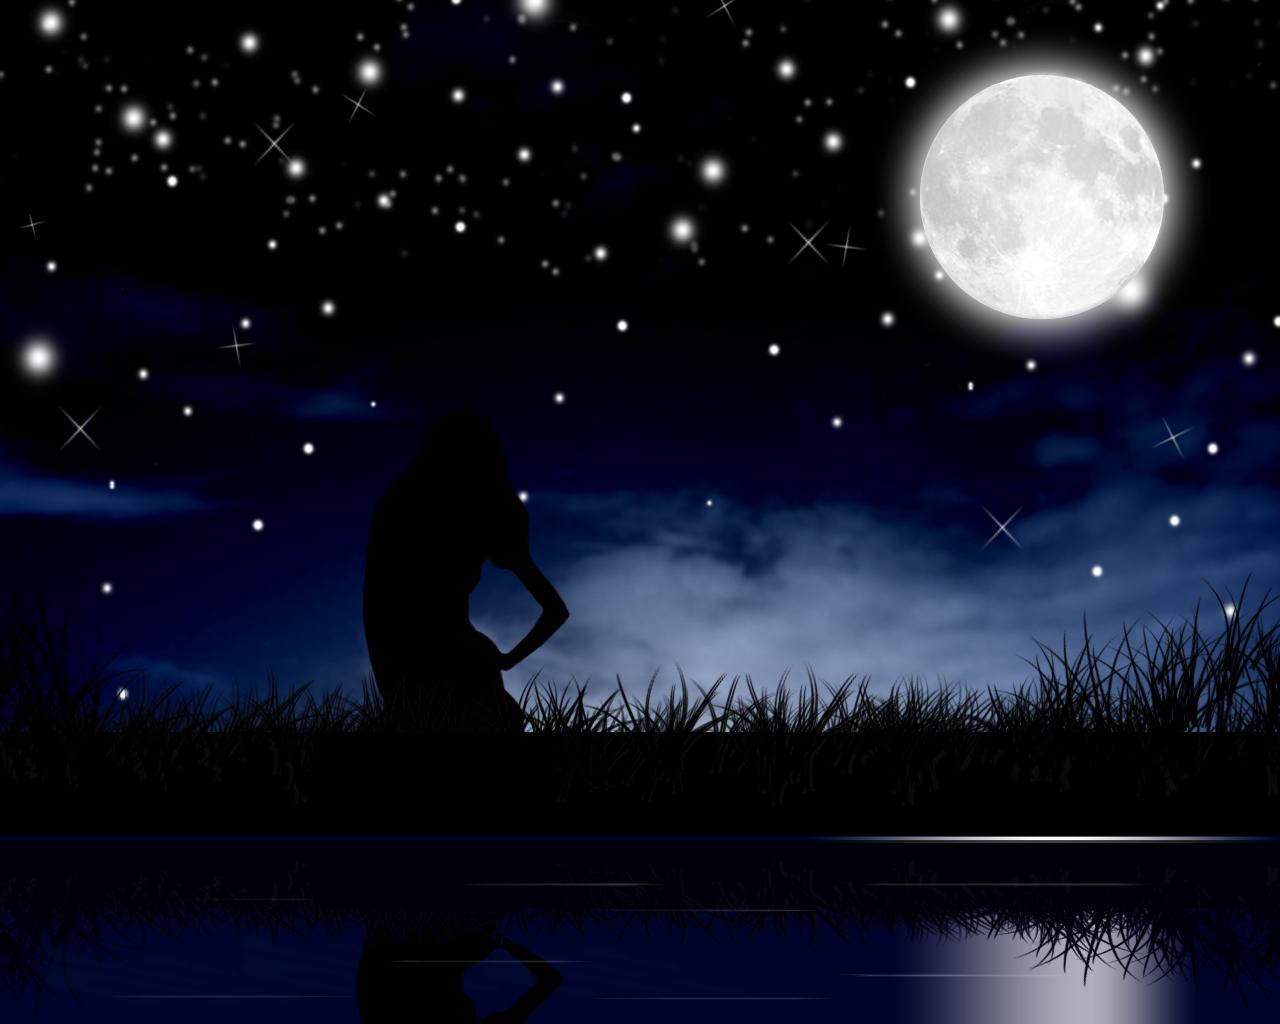 Moonlight Night Wallpaper (59+ images)